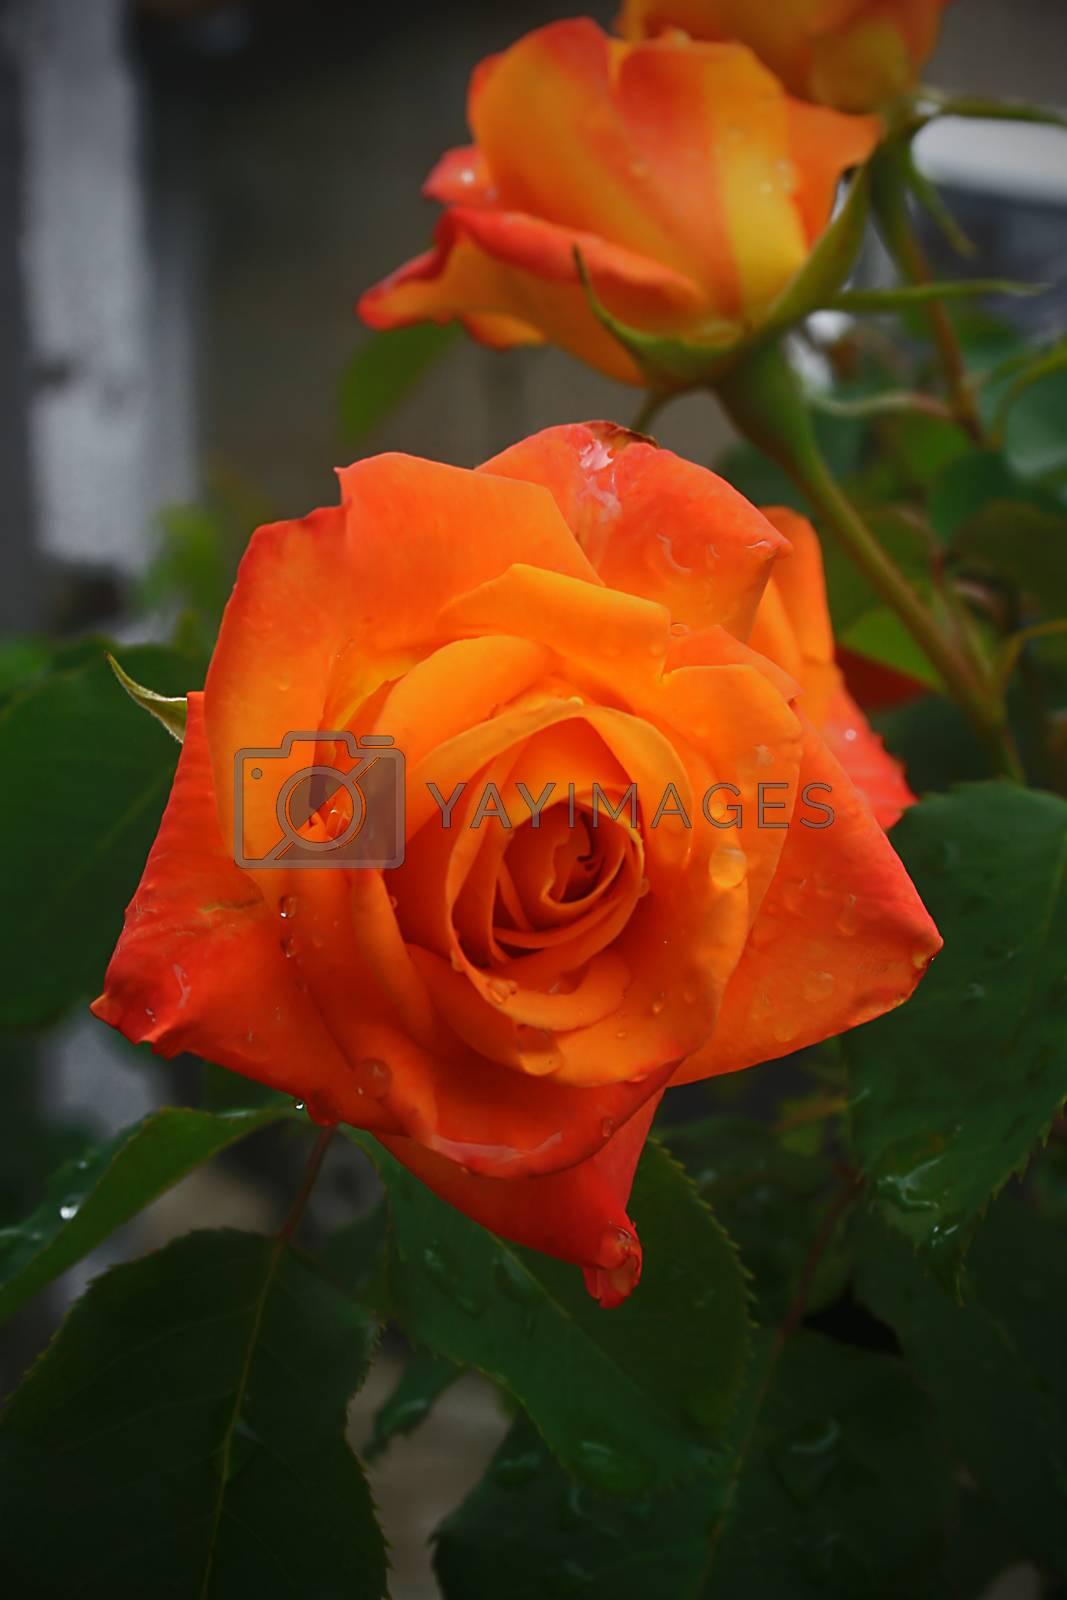 Orange rose in a summer garden close-up